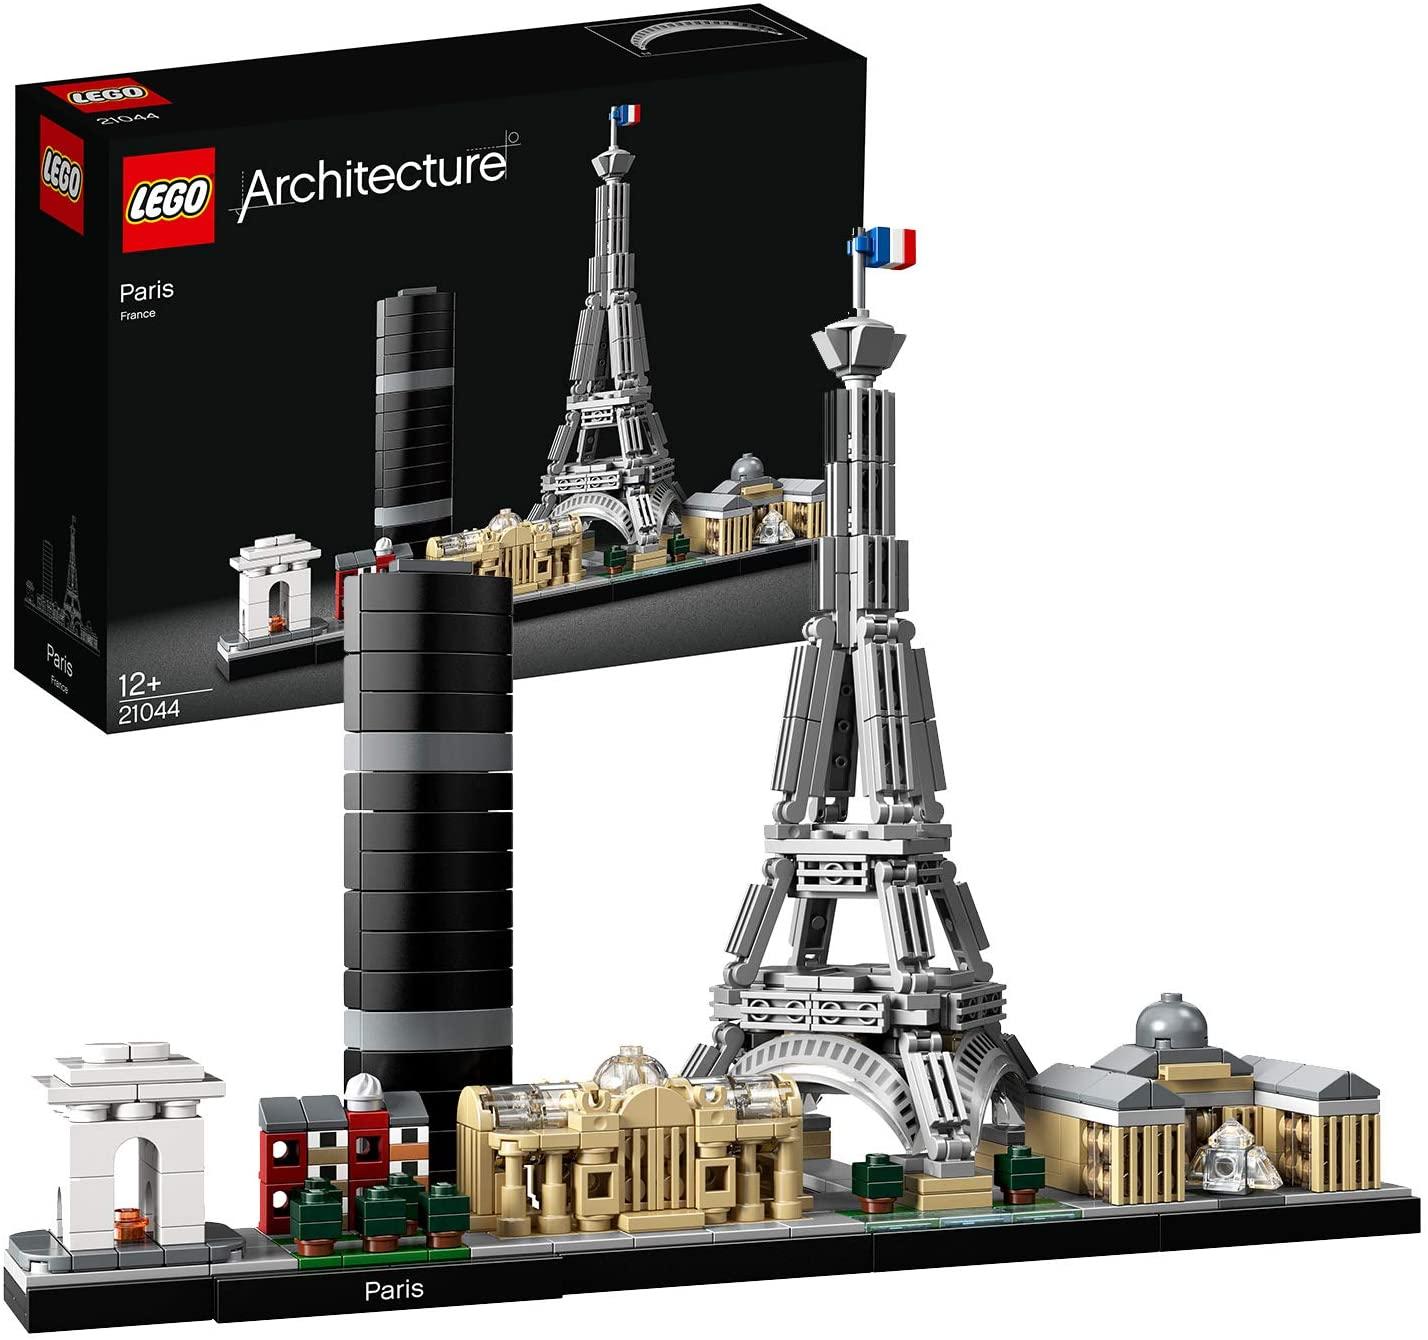 LEGO(レゴ)アーキテクチャーシリーズ「パリ」の参考画像